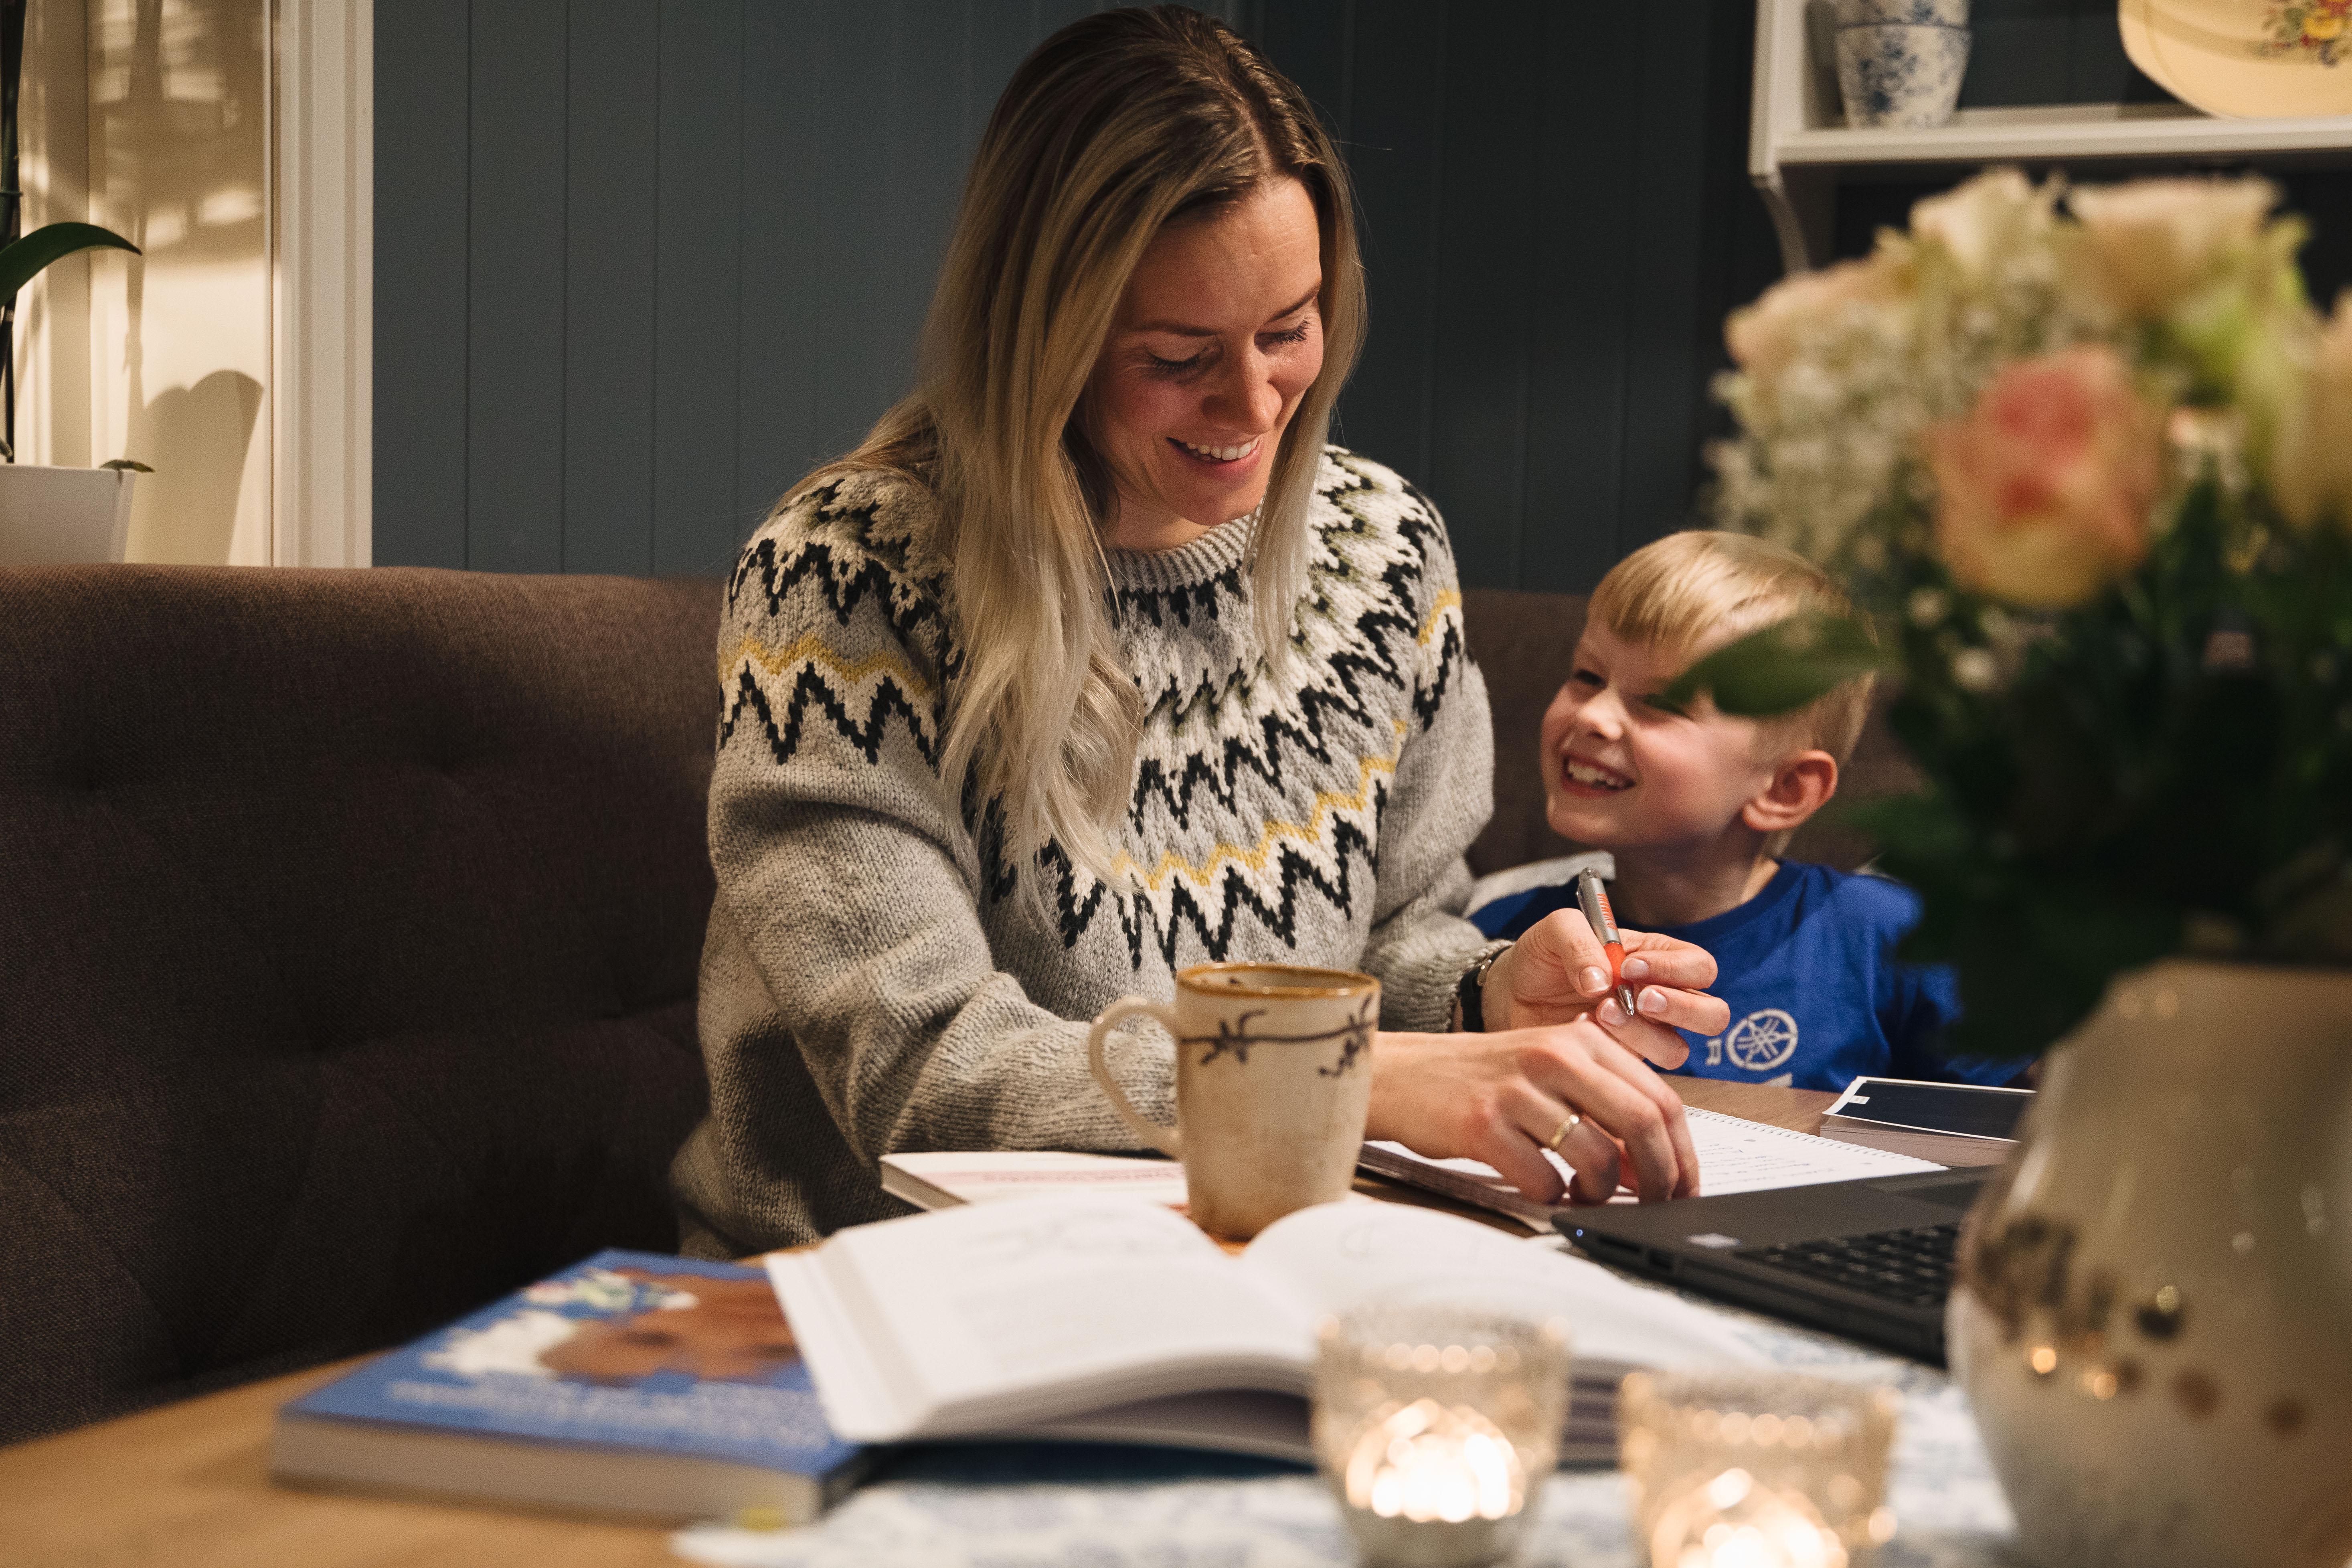 Kombinerer nettstudier med jobb og familieliv